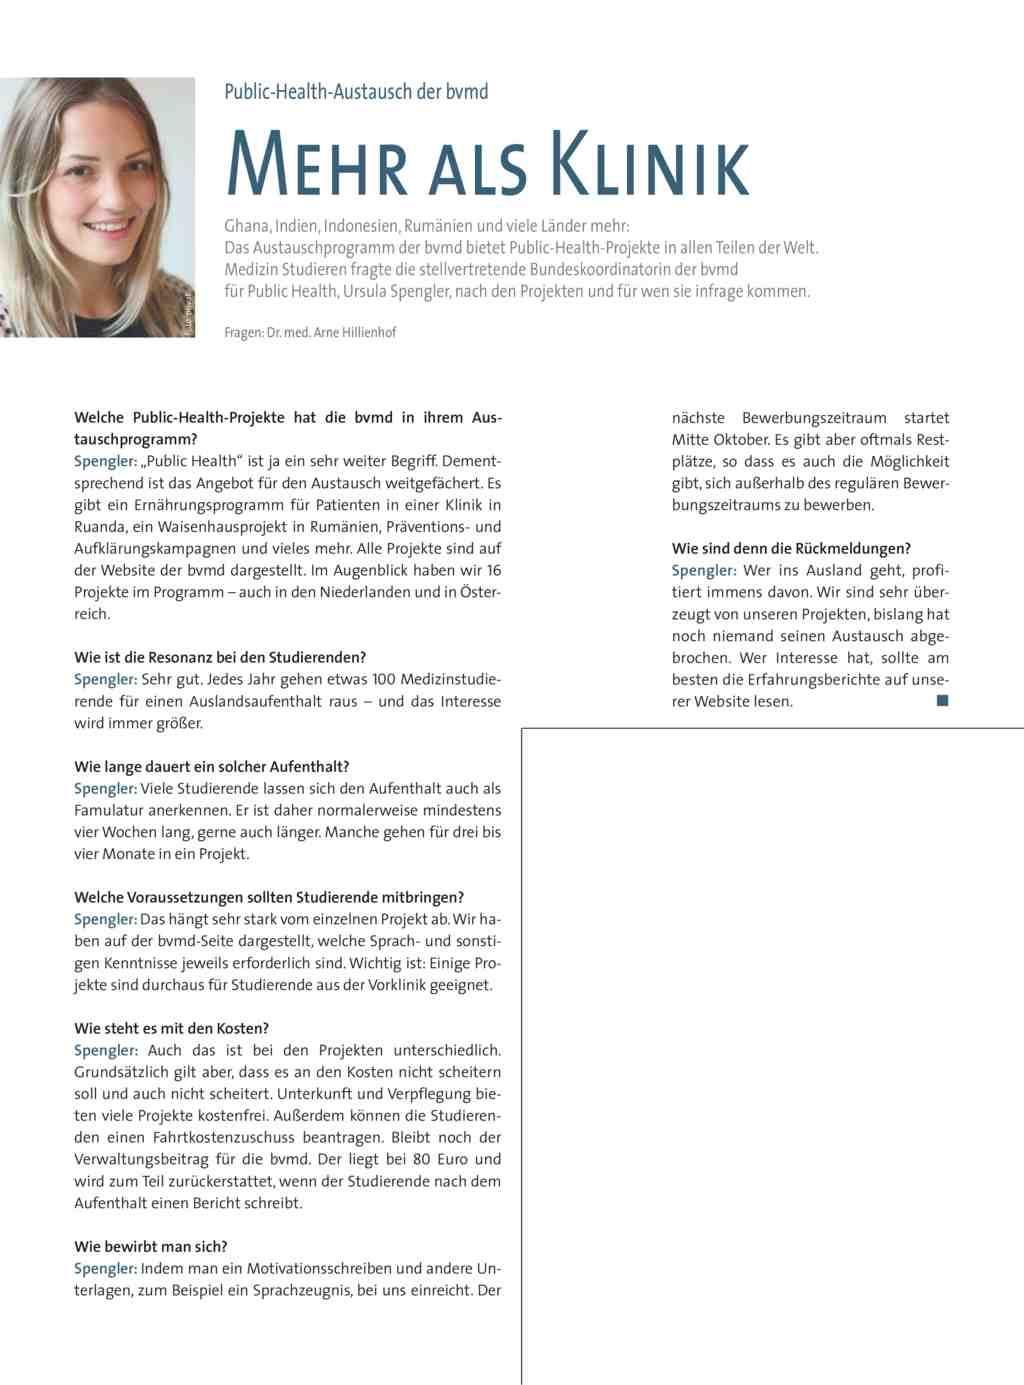 Public Health Austausch der bvmd: Mehr als Klinik